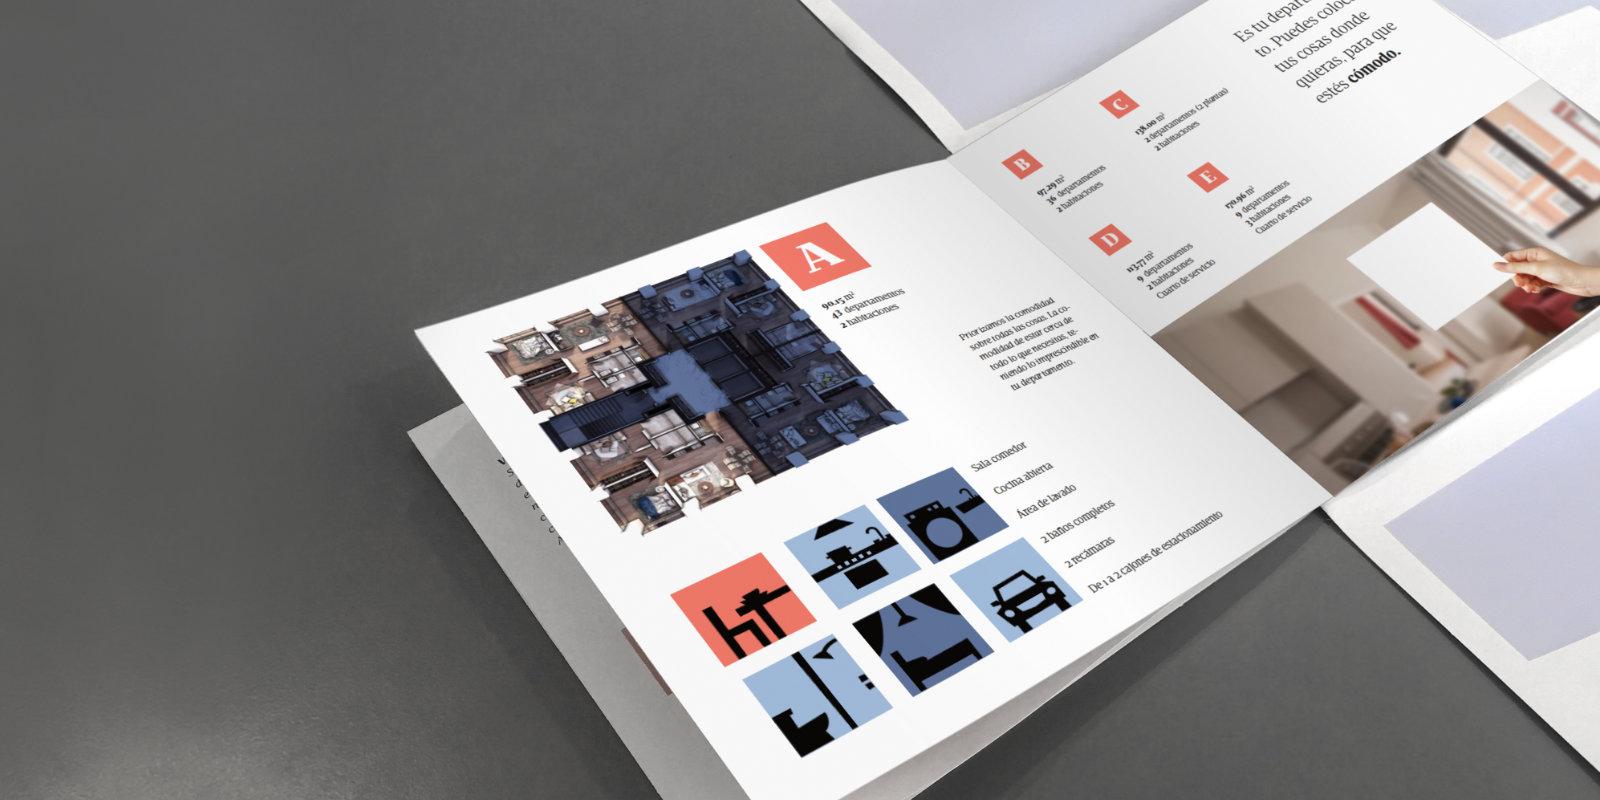 Pagina de brochure